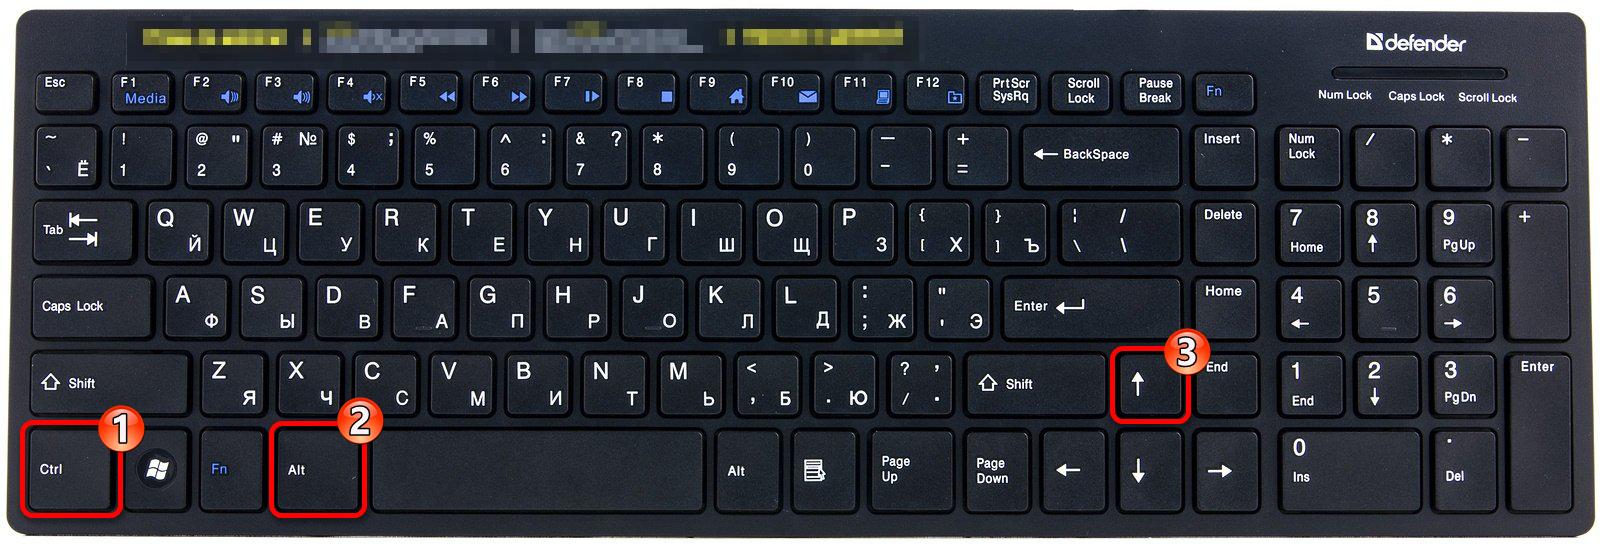 Сочетание клавиш для поворота ориентации экрана вверх в Виндовс 10